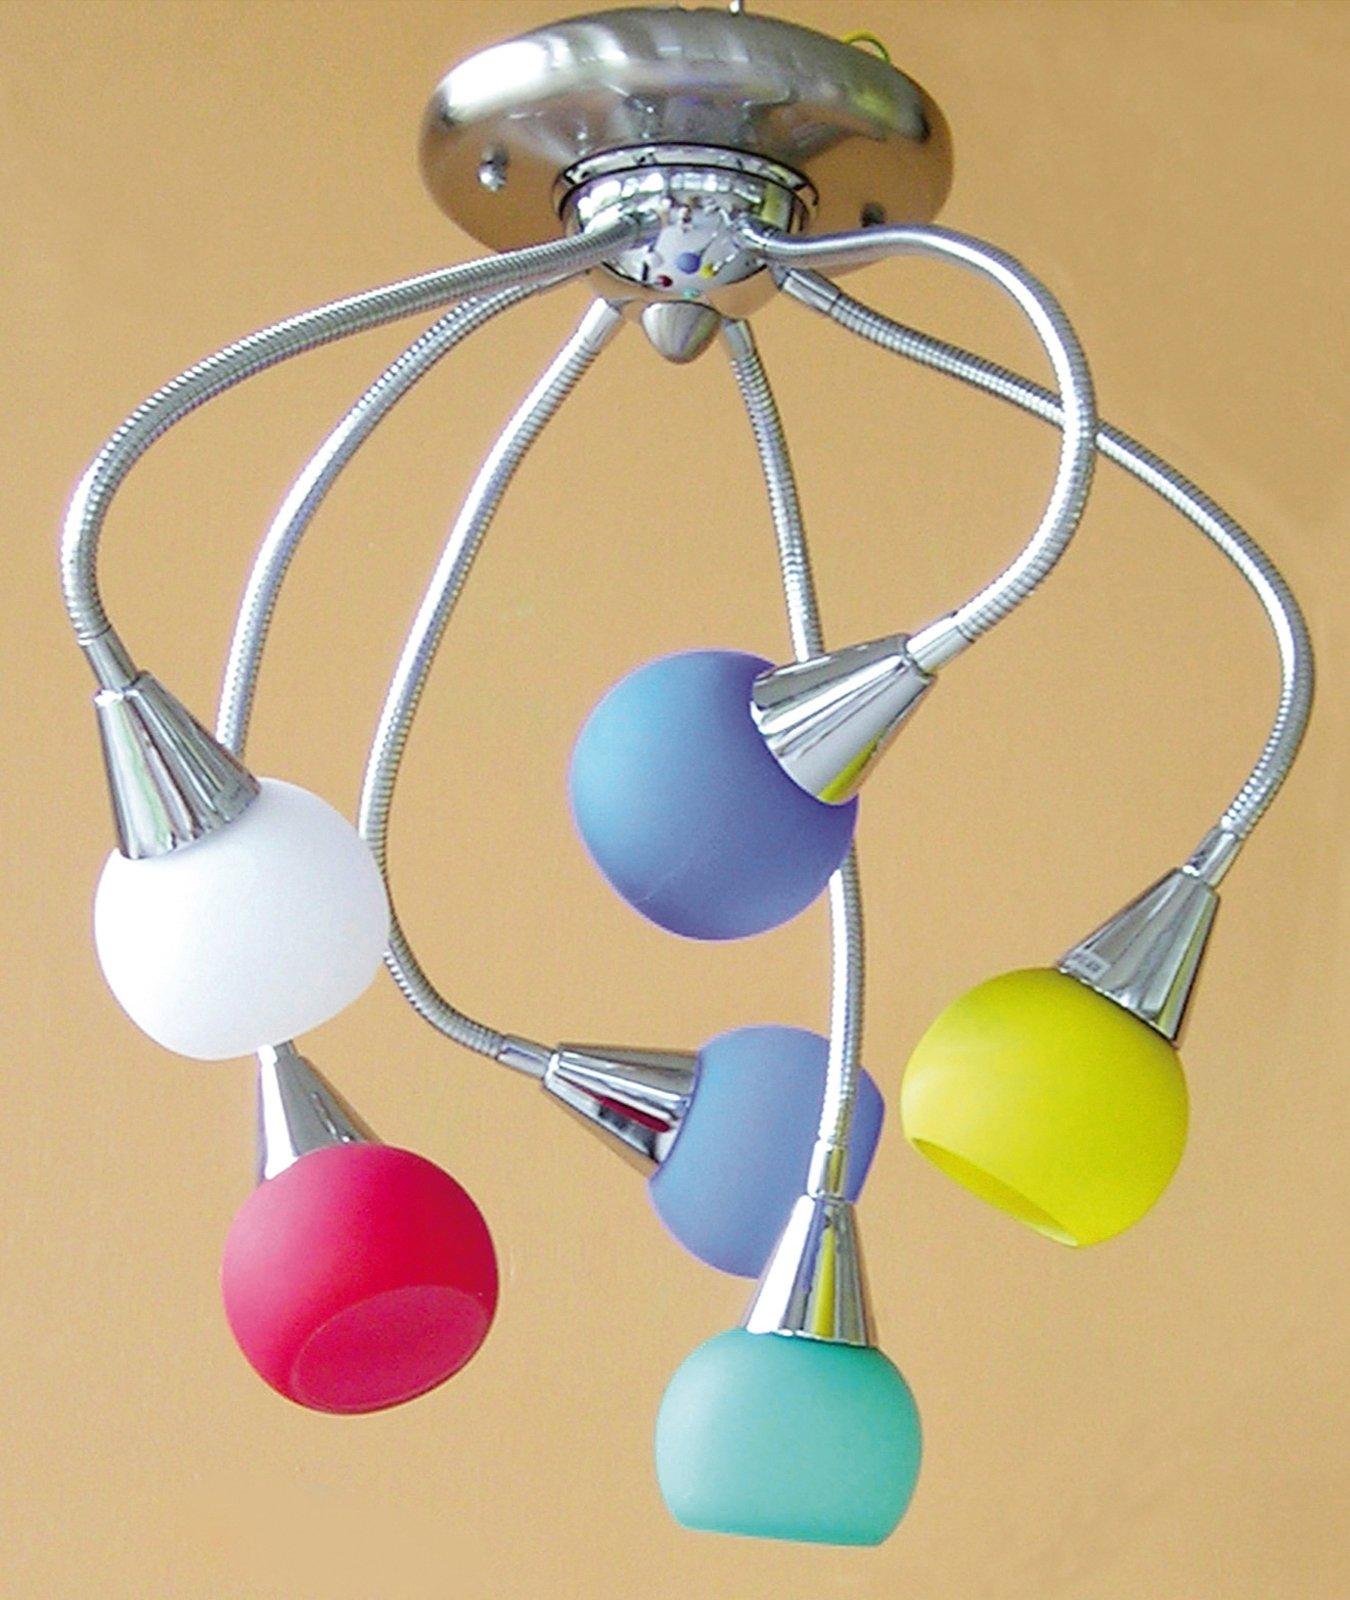 lampadari colorati : Grazie ai 6 bracci orientabili, il fascio luminoso viene indirizzato ...